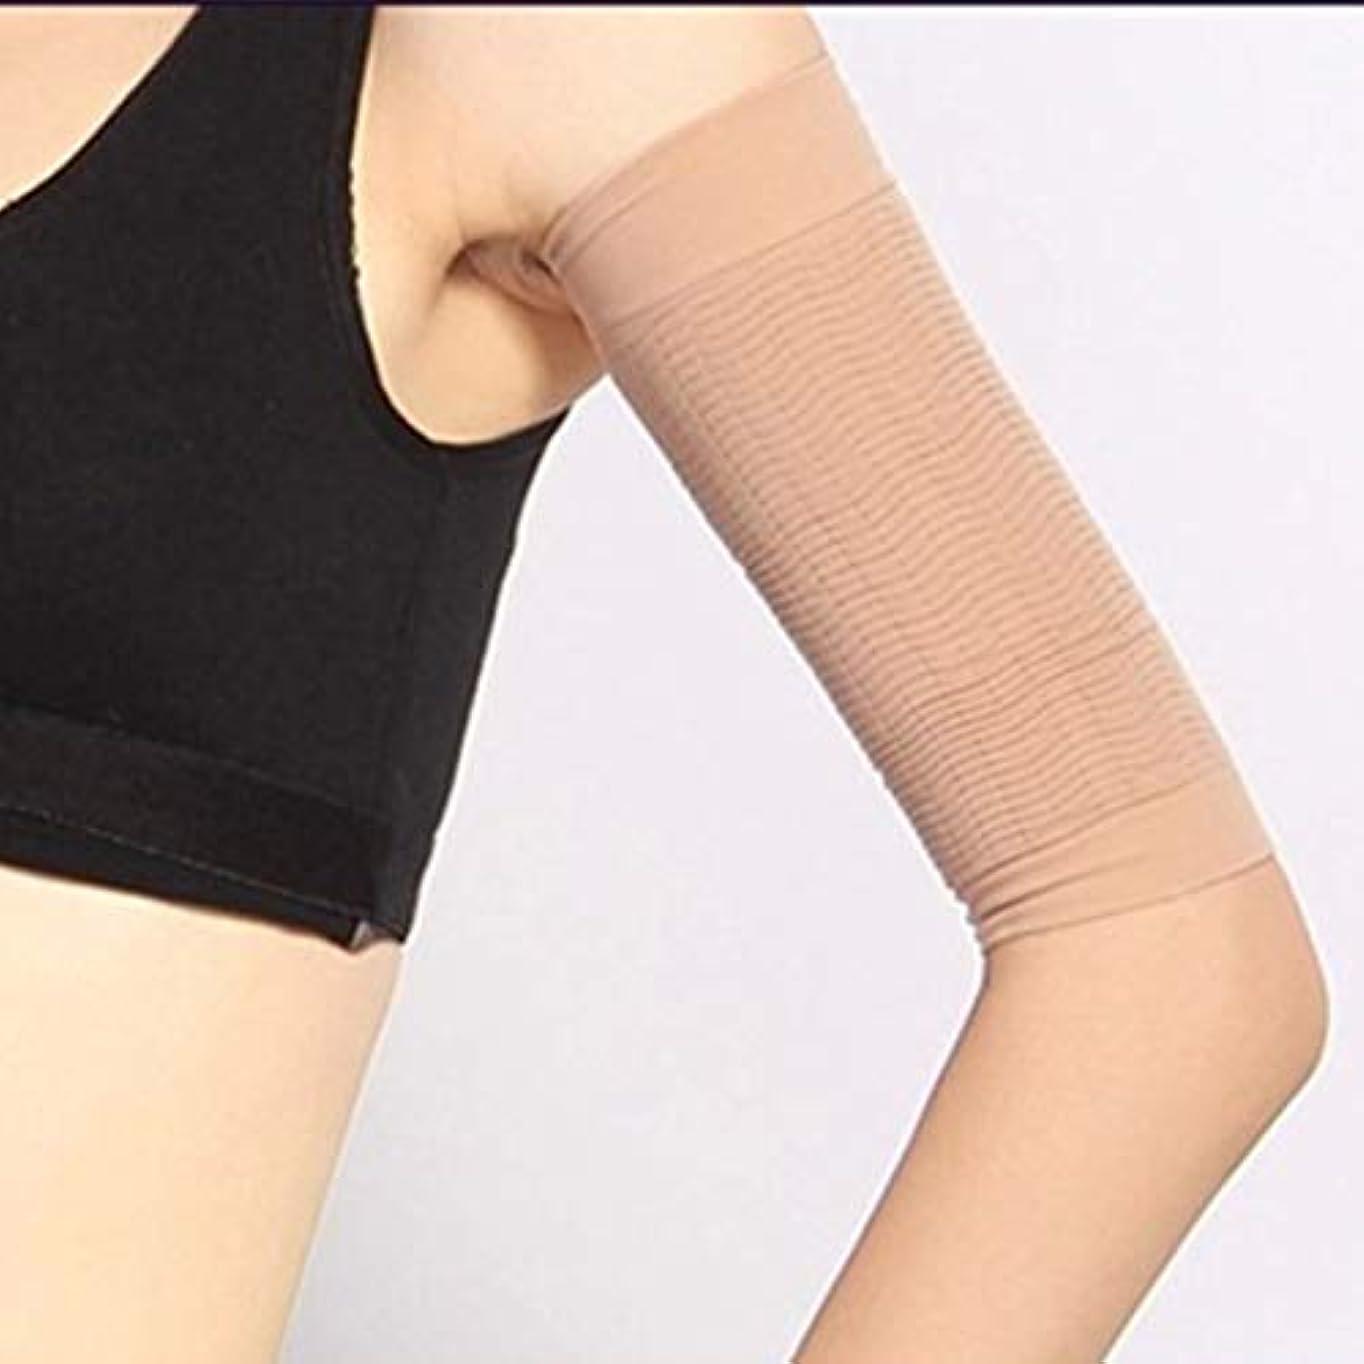 些細穿孔する二度1ペア420 D圧縮痩身アームスリーブワークアウトトーニングバーンセルライトシェイパー脂肪燃焼袖用女性 - 肌色